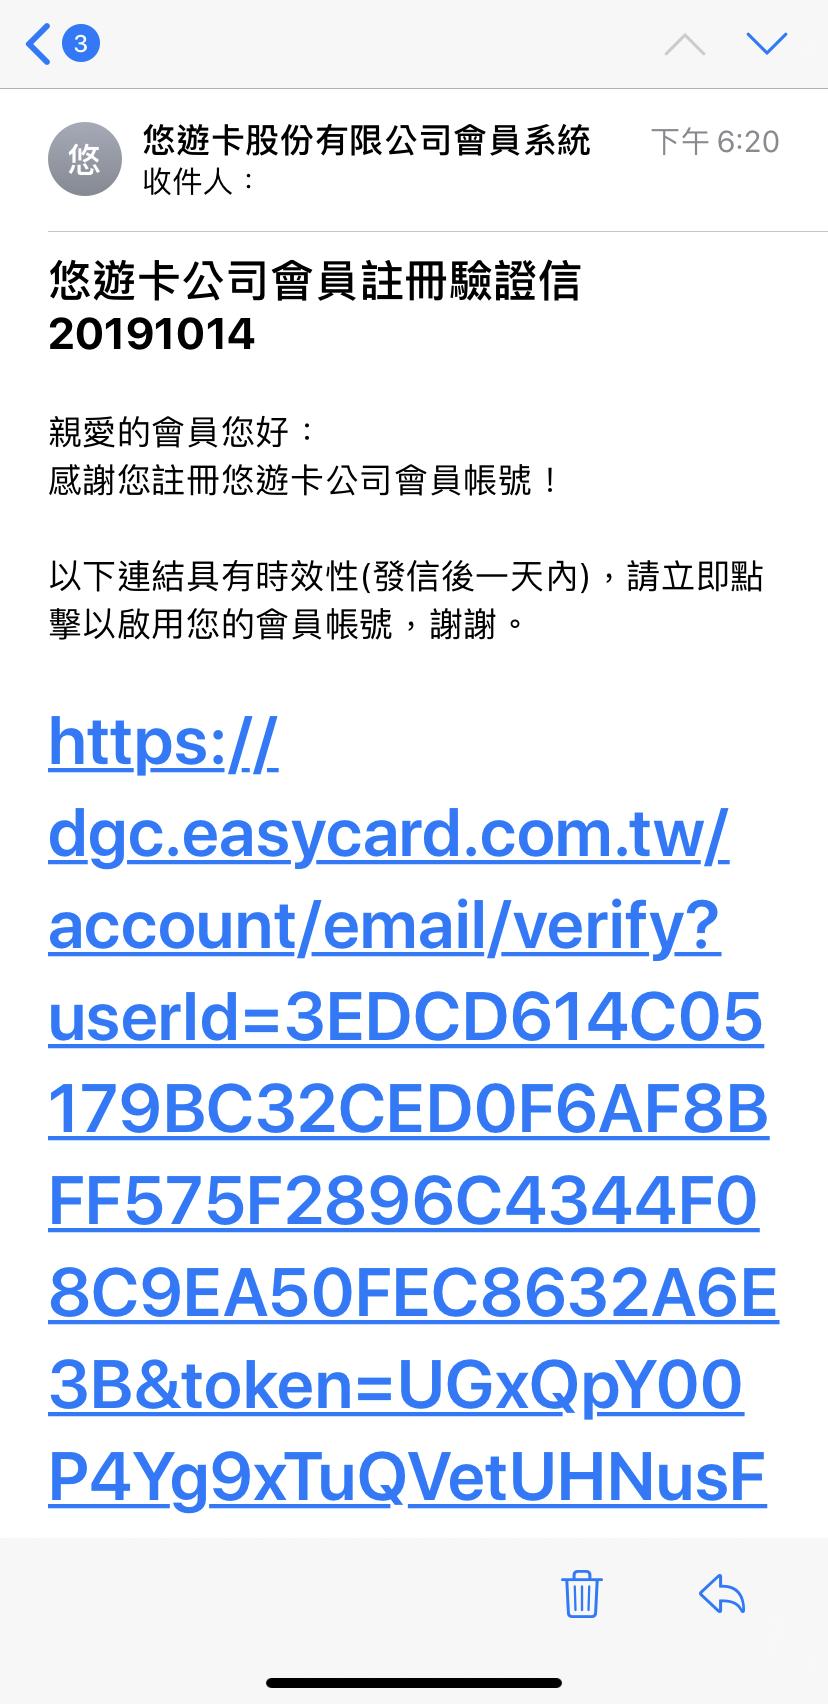 悠遊卡|保障悠遊卡不被盜刷